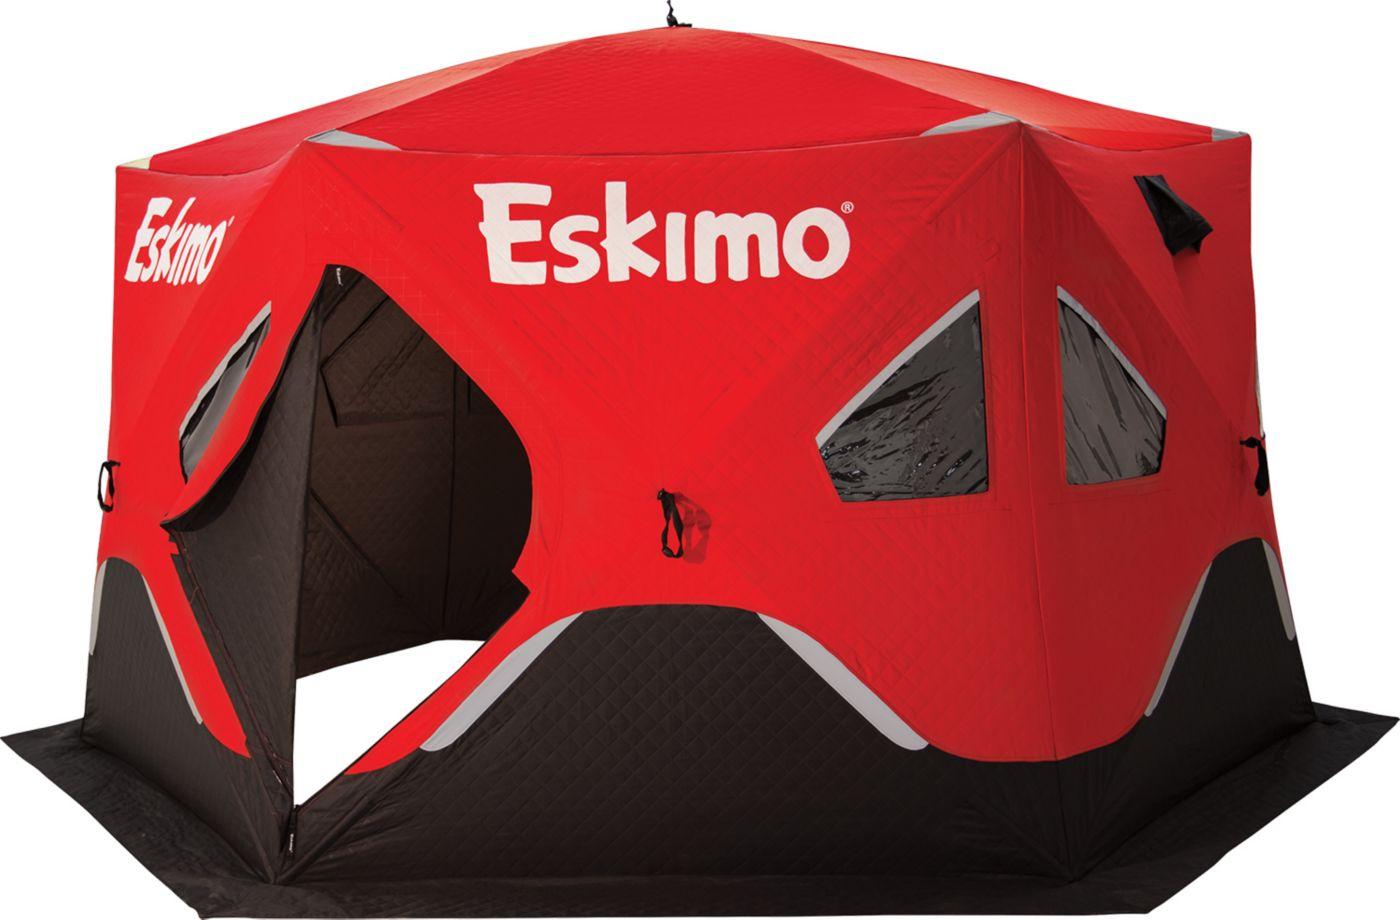 Eskimo FatFish 6120i Insulated 7 Person Ice Fishing Shelter